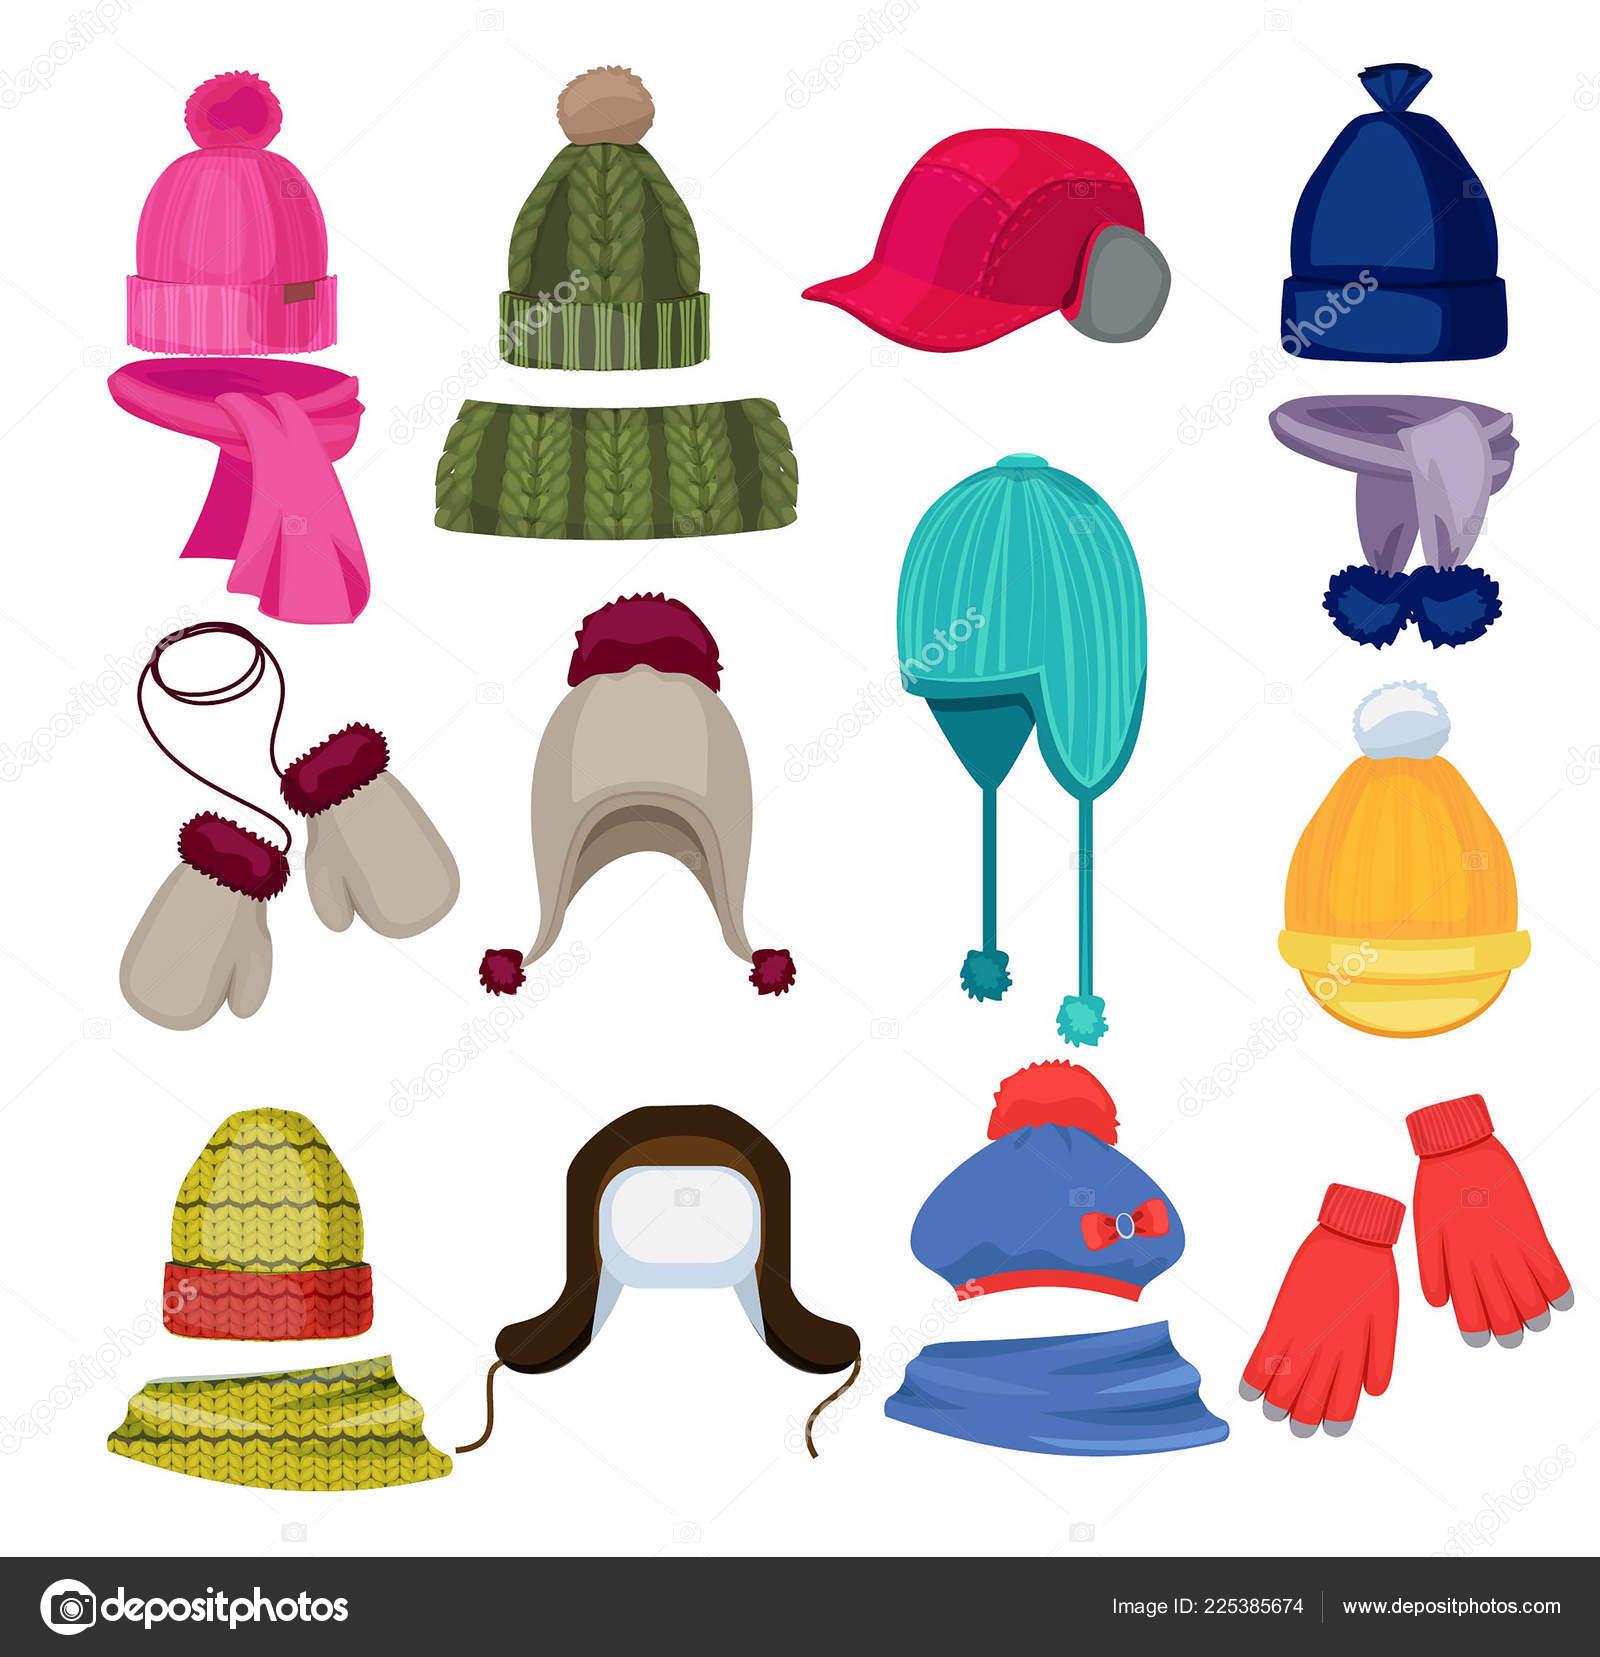 aa33402bbc2 Zimní čepice kreslený. Čepice čepice šátek a další módní doplňky oblečení v  ploché styl vektorové